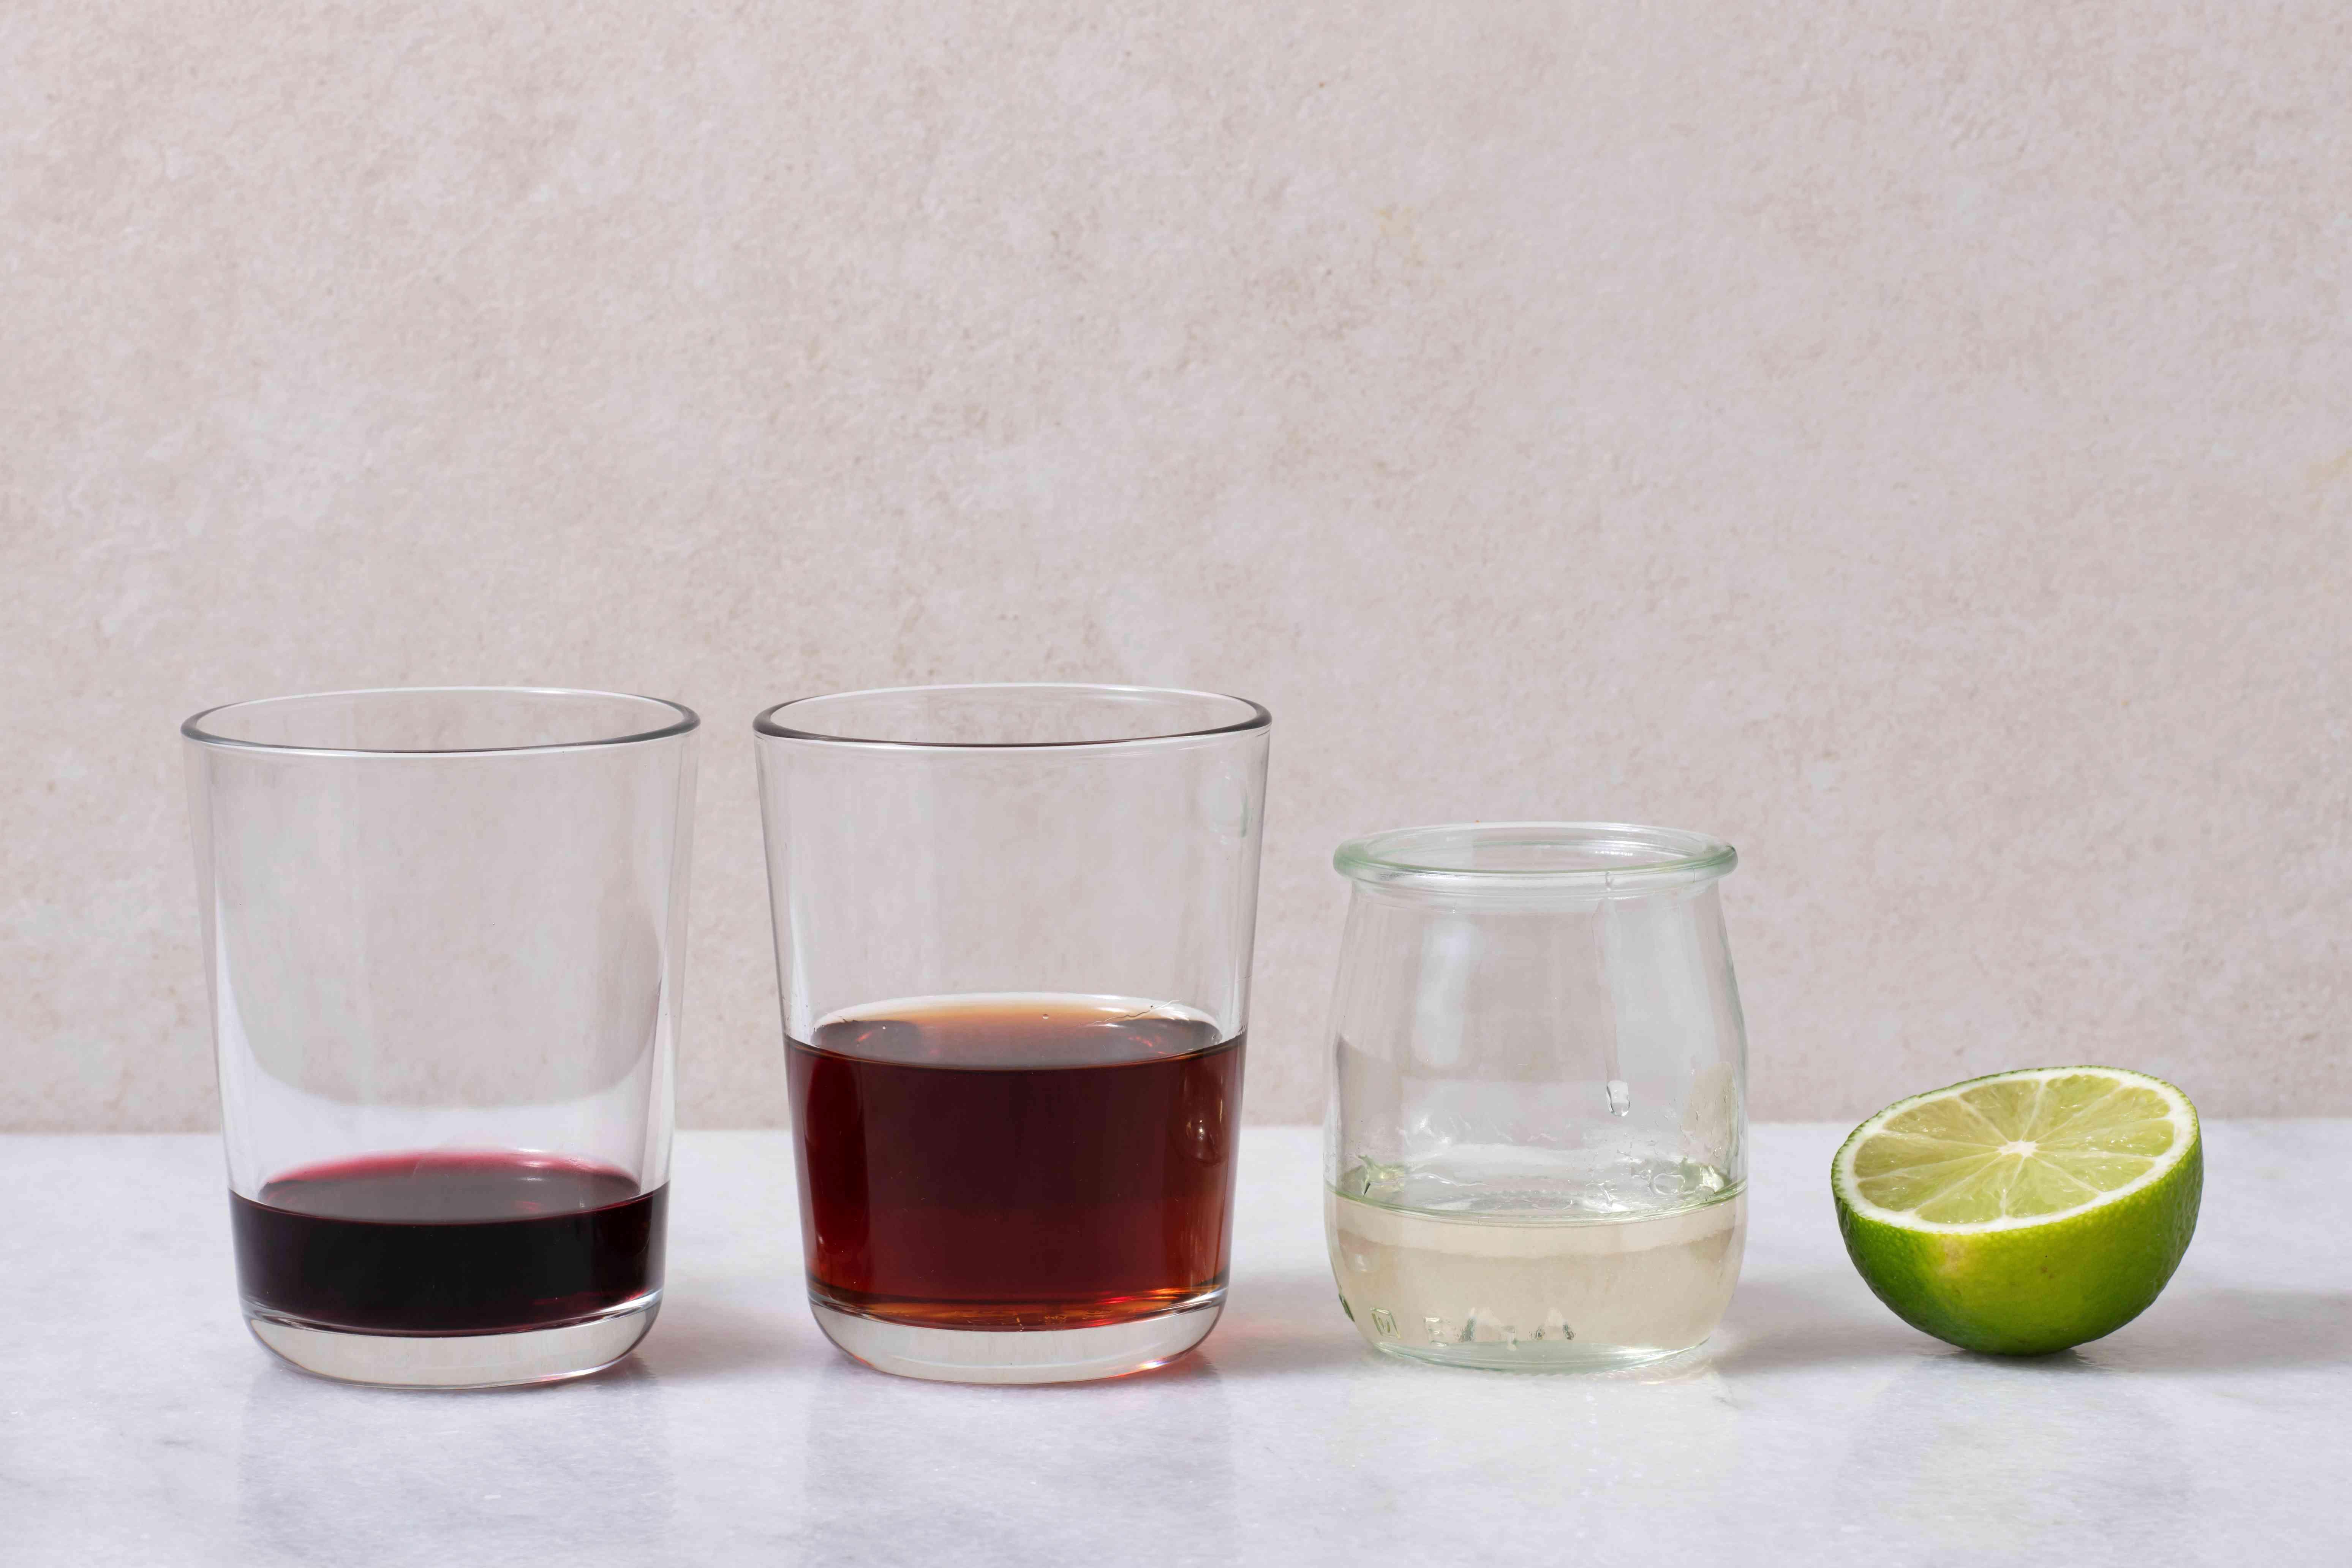 The Bishop Cocktail ingredients